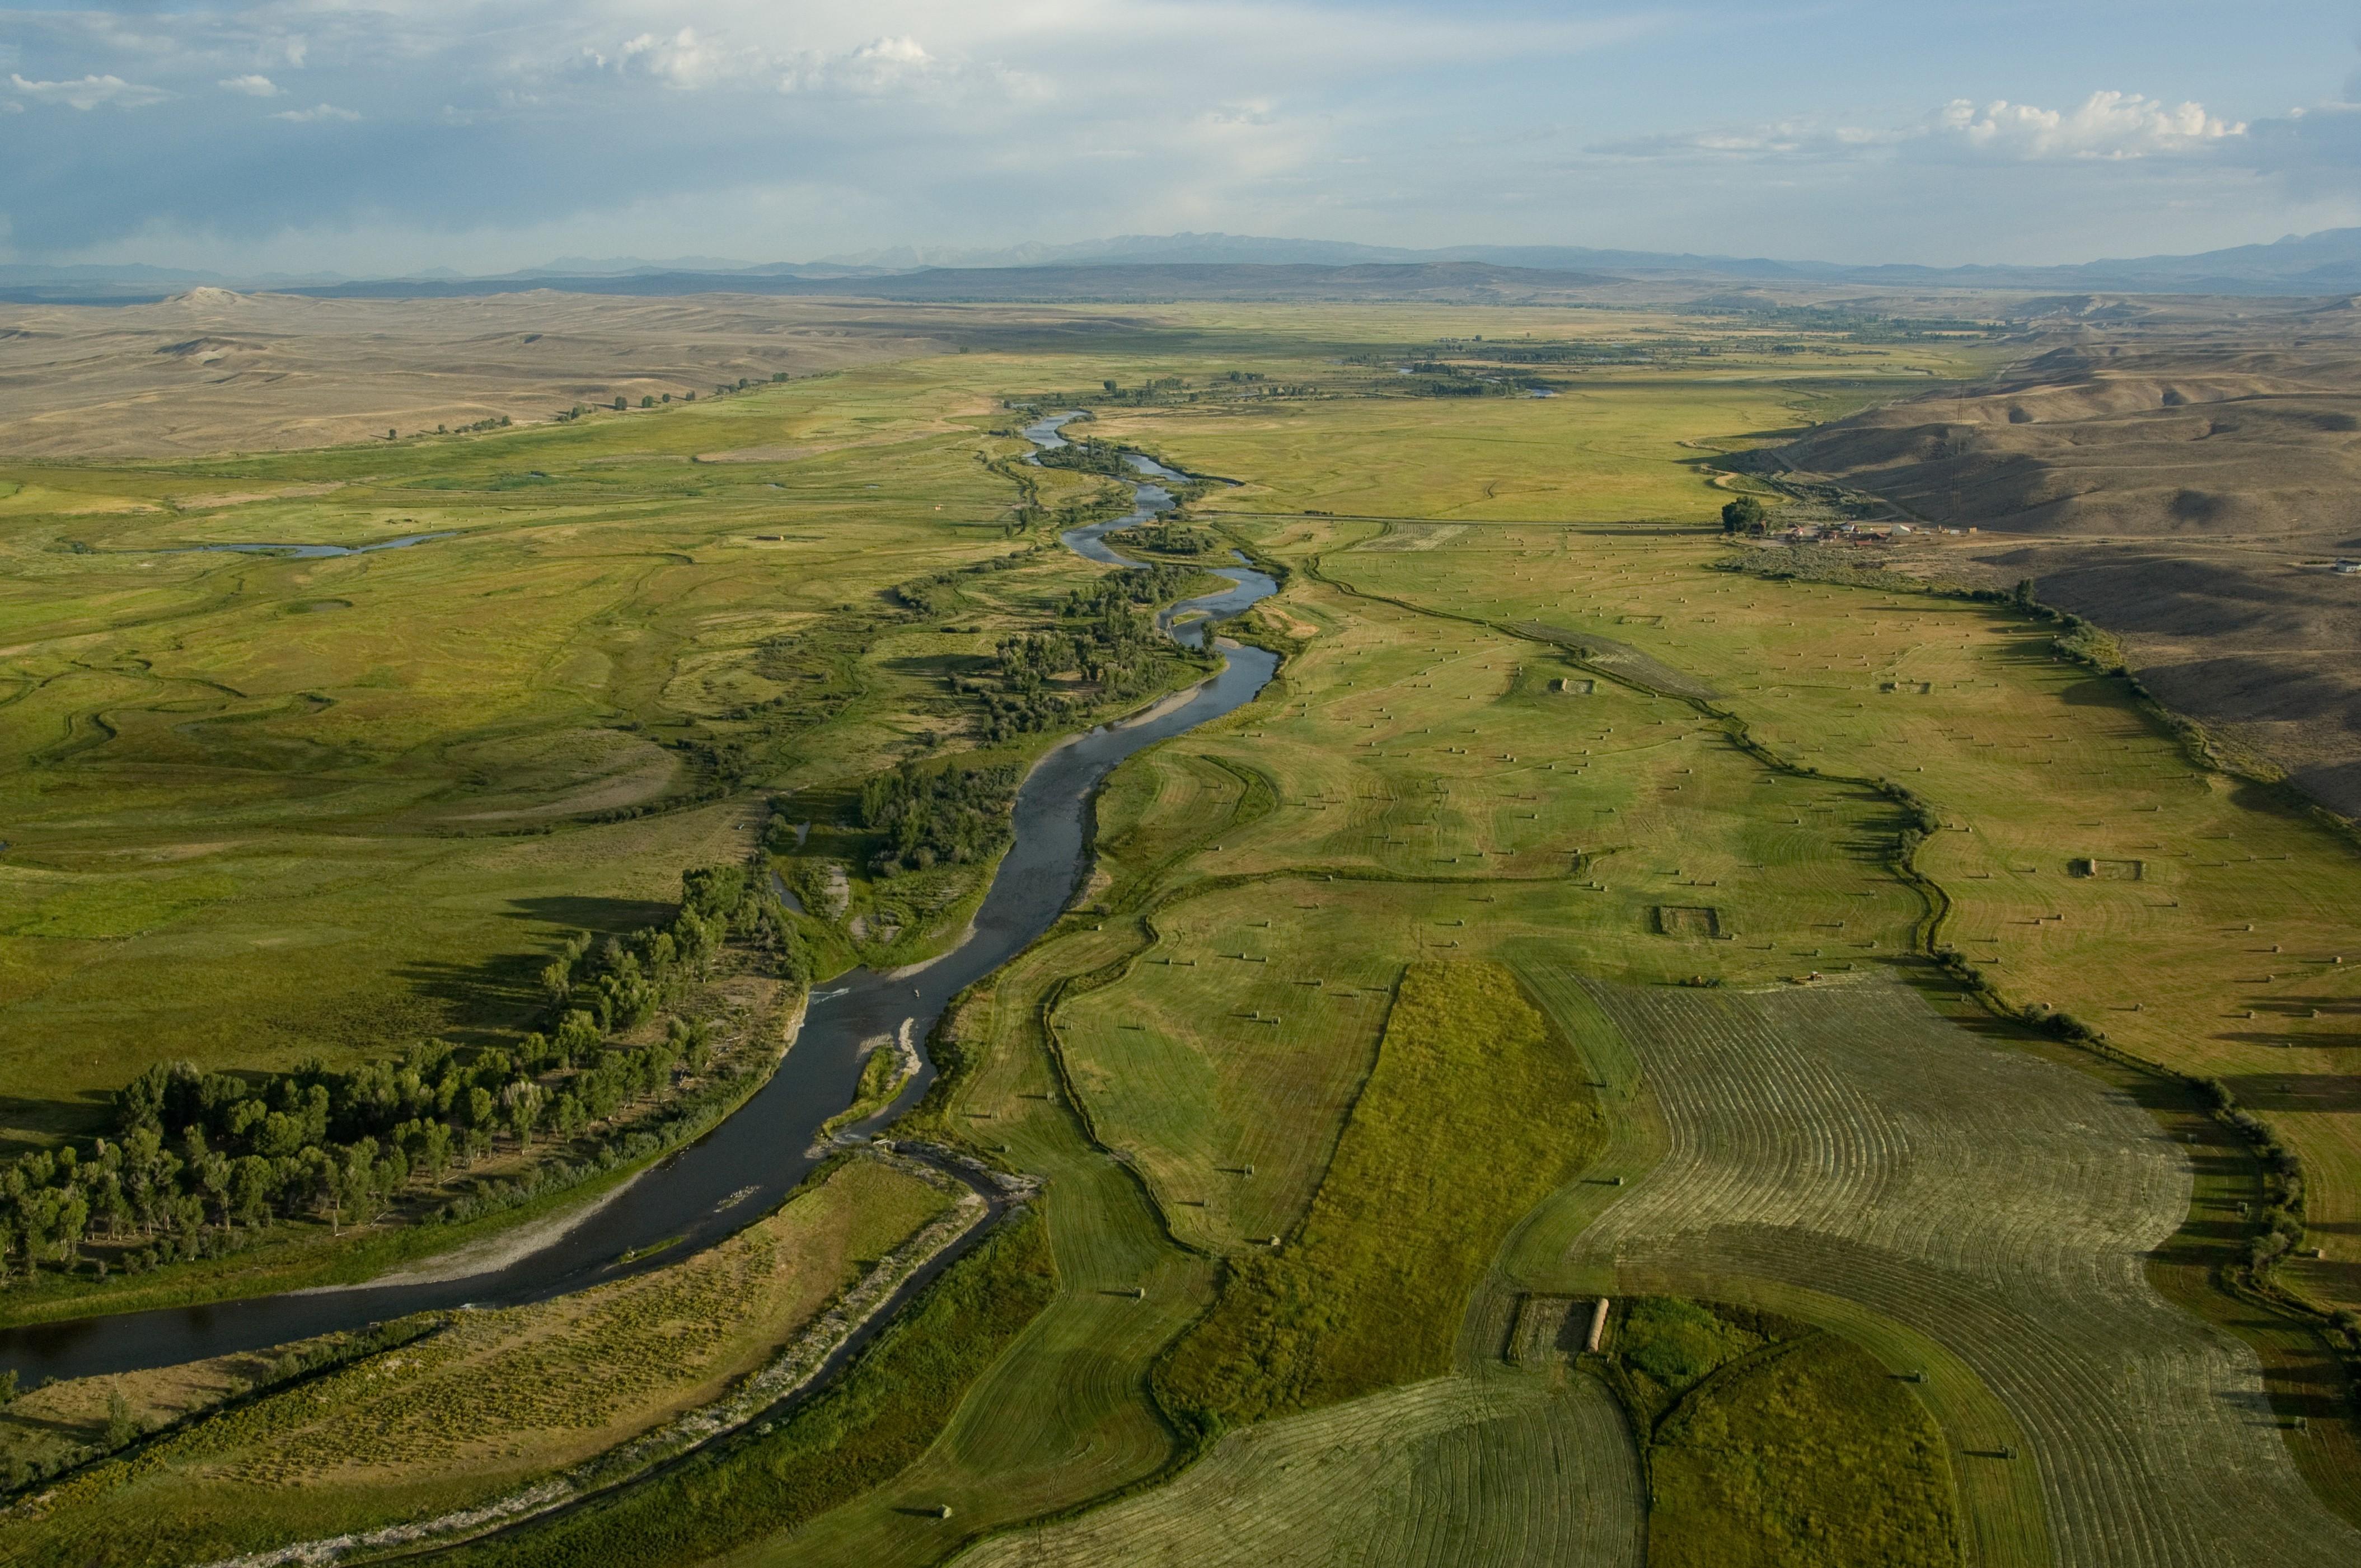 A small river runs through farm land